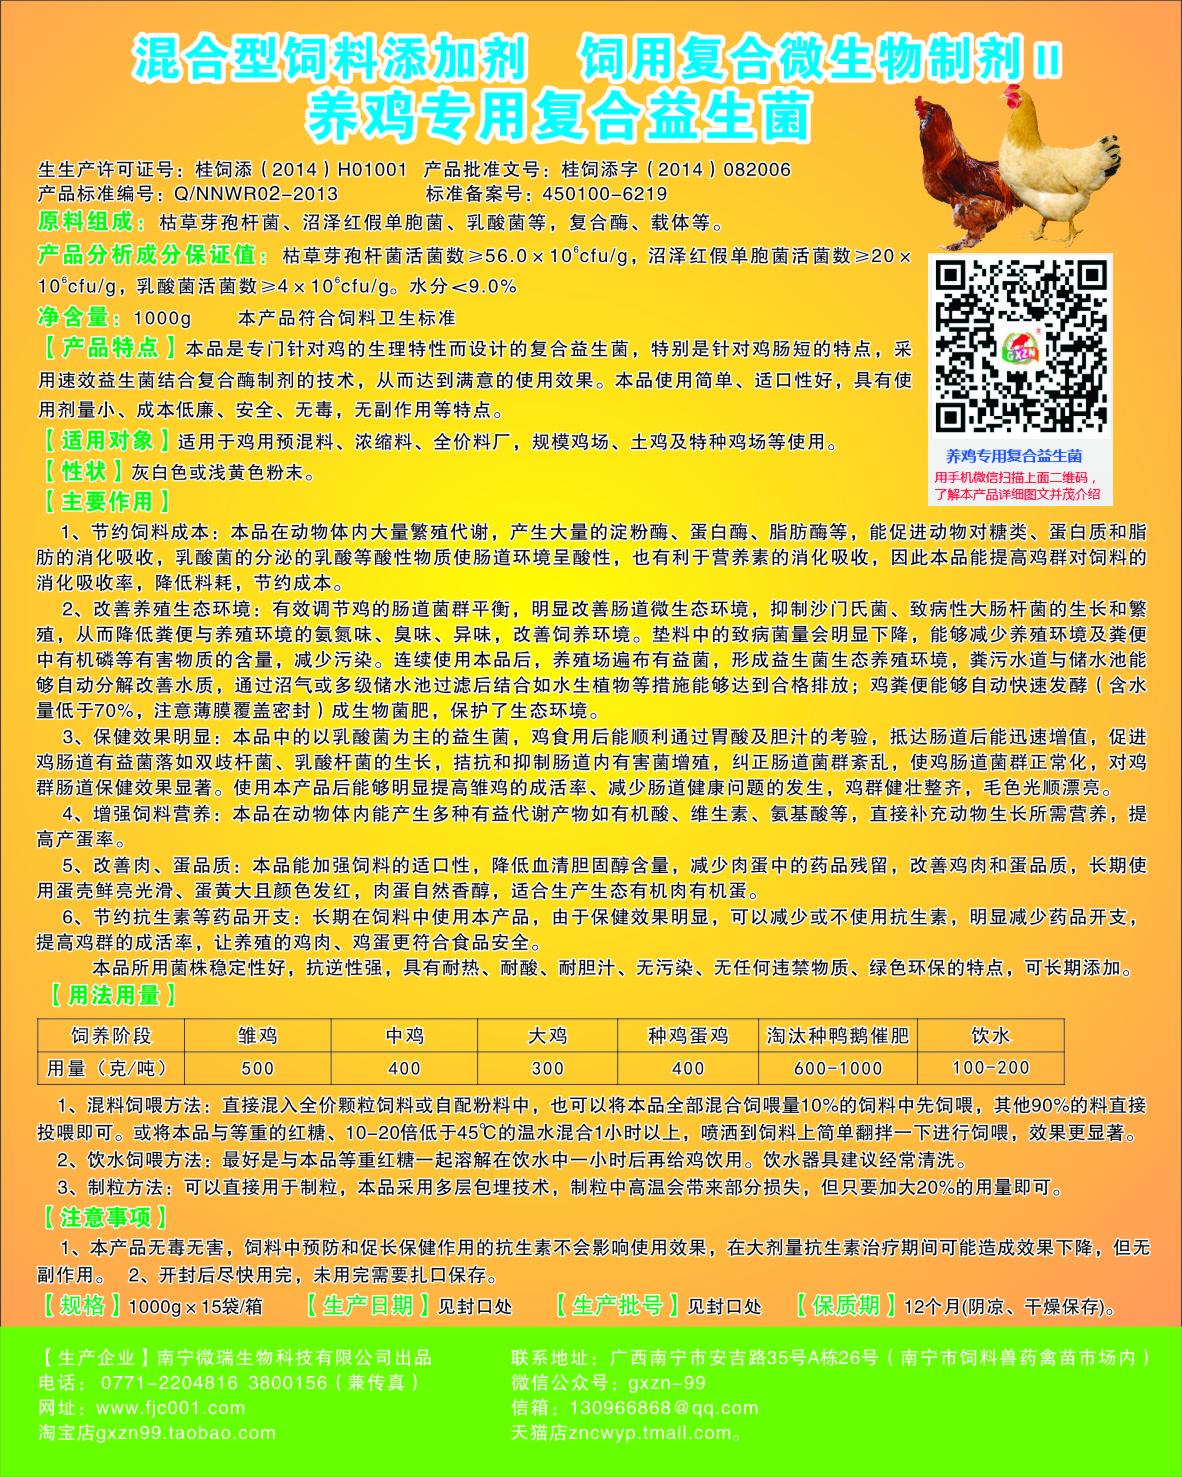 1515072156837957.jpg